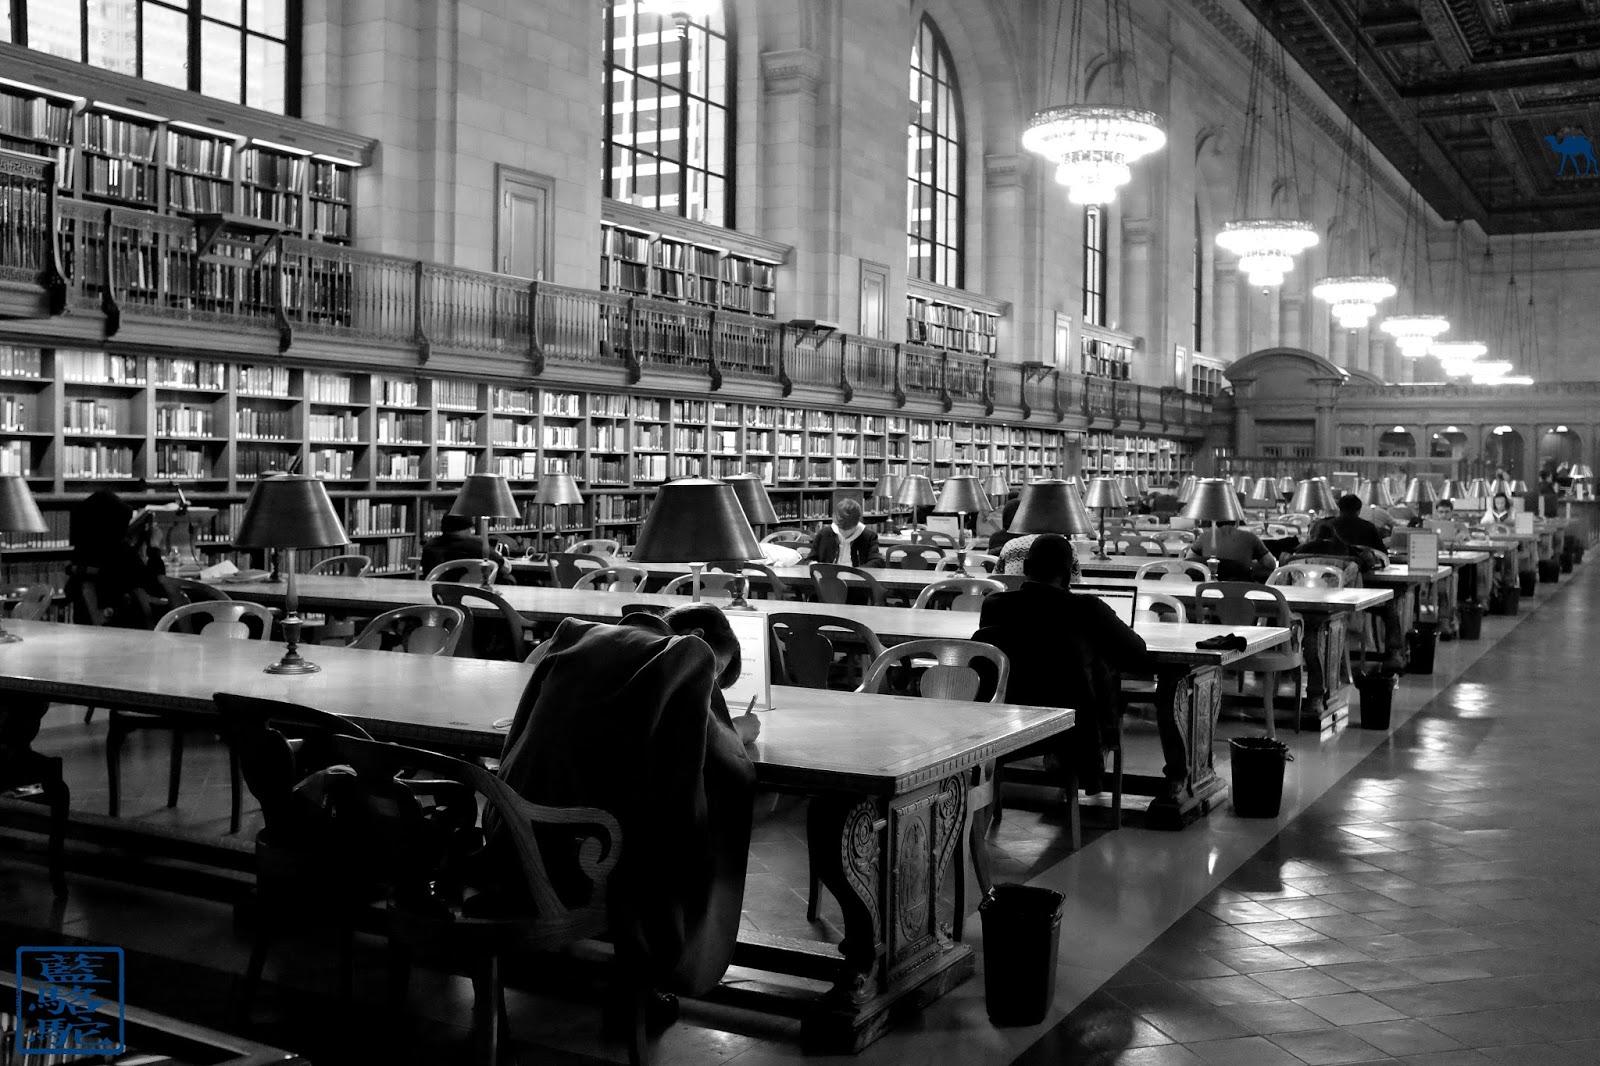 Le Chameau Bleu - Blog Voyage New York City Bibliothèque De New York - NYPL